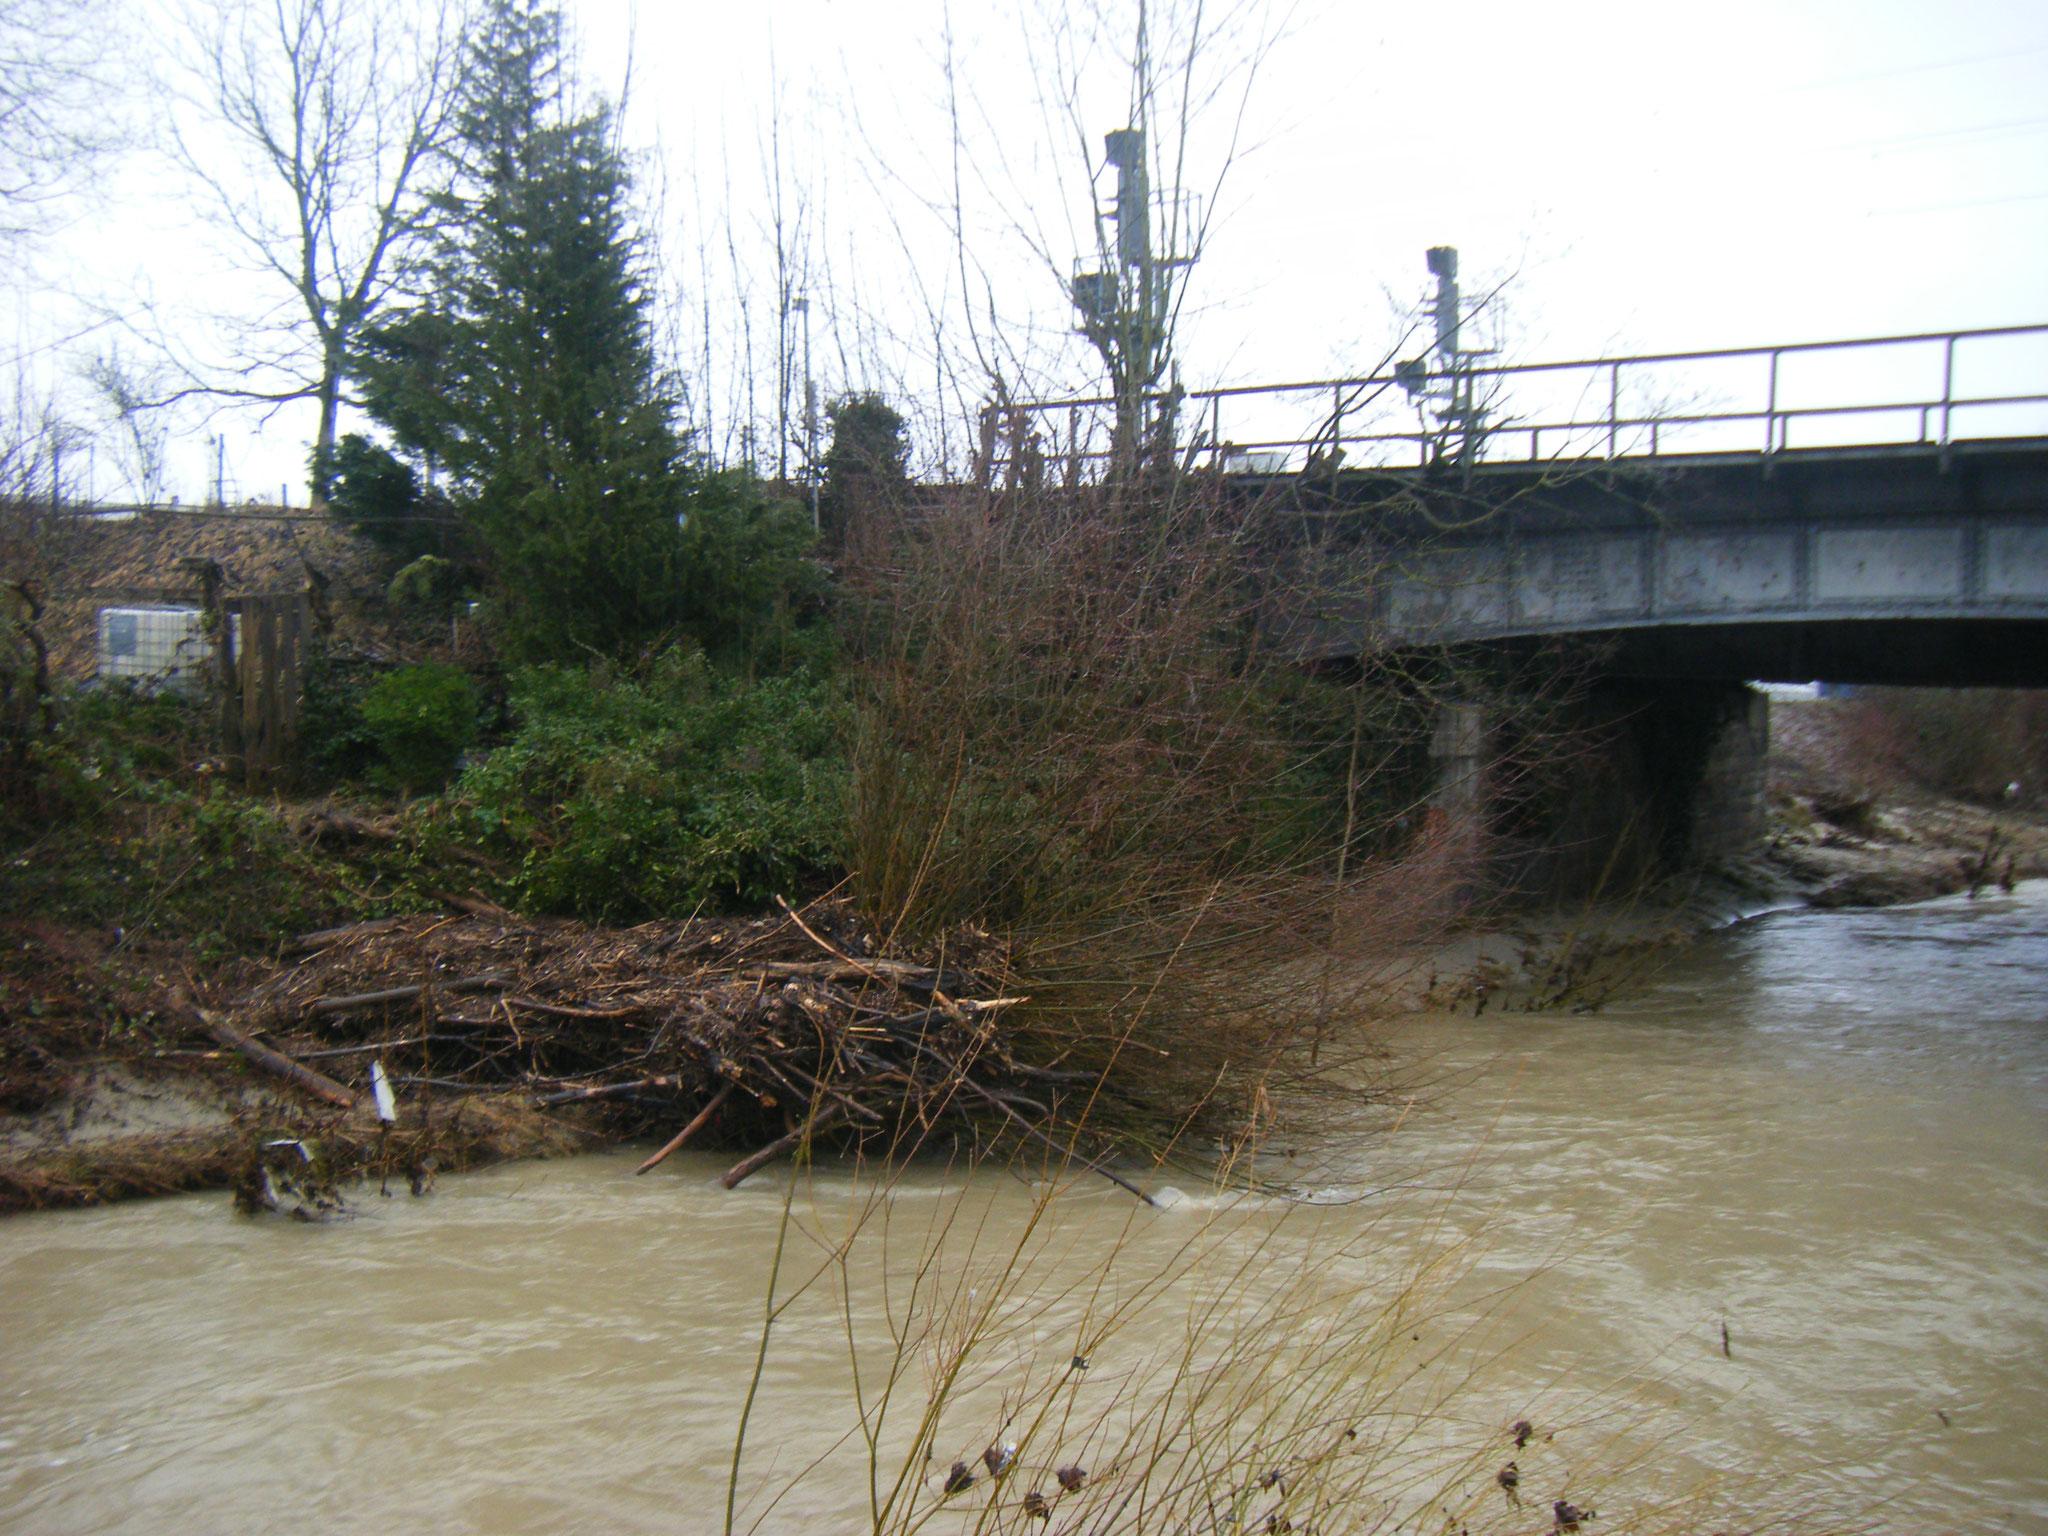 am Folgetag, gegen 15 Uhr, ist der Pegel wieder deutlich gefallen, man sieht das angeschwemmte Treibholz an der Eisenbahnbrücke, das eine breite Barriere bildet.